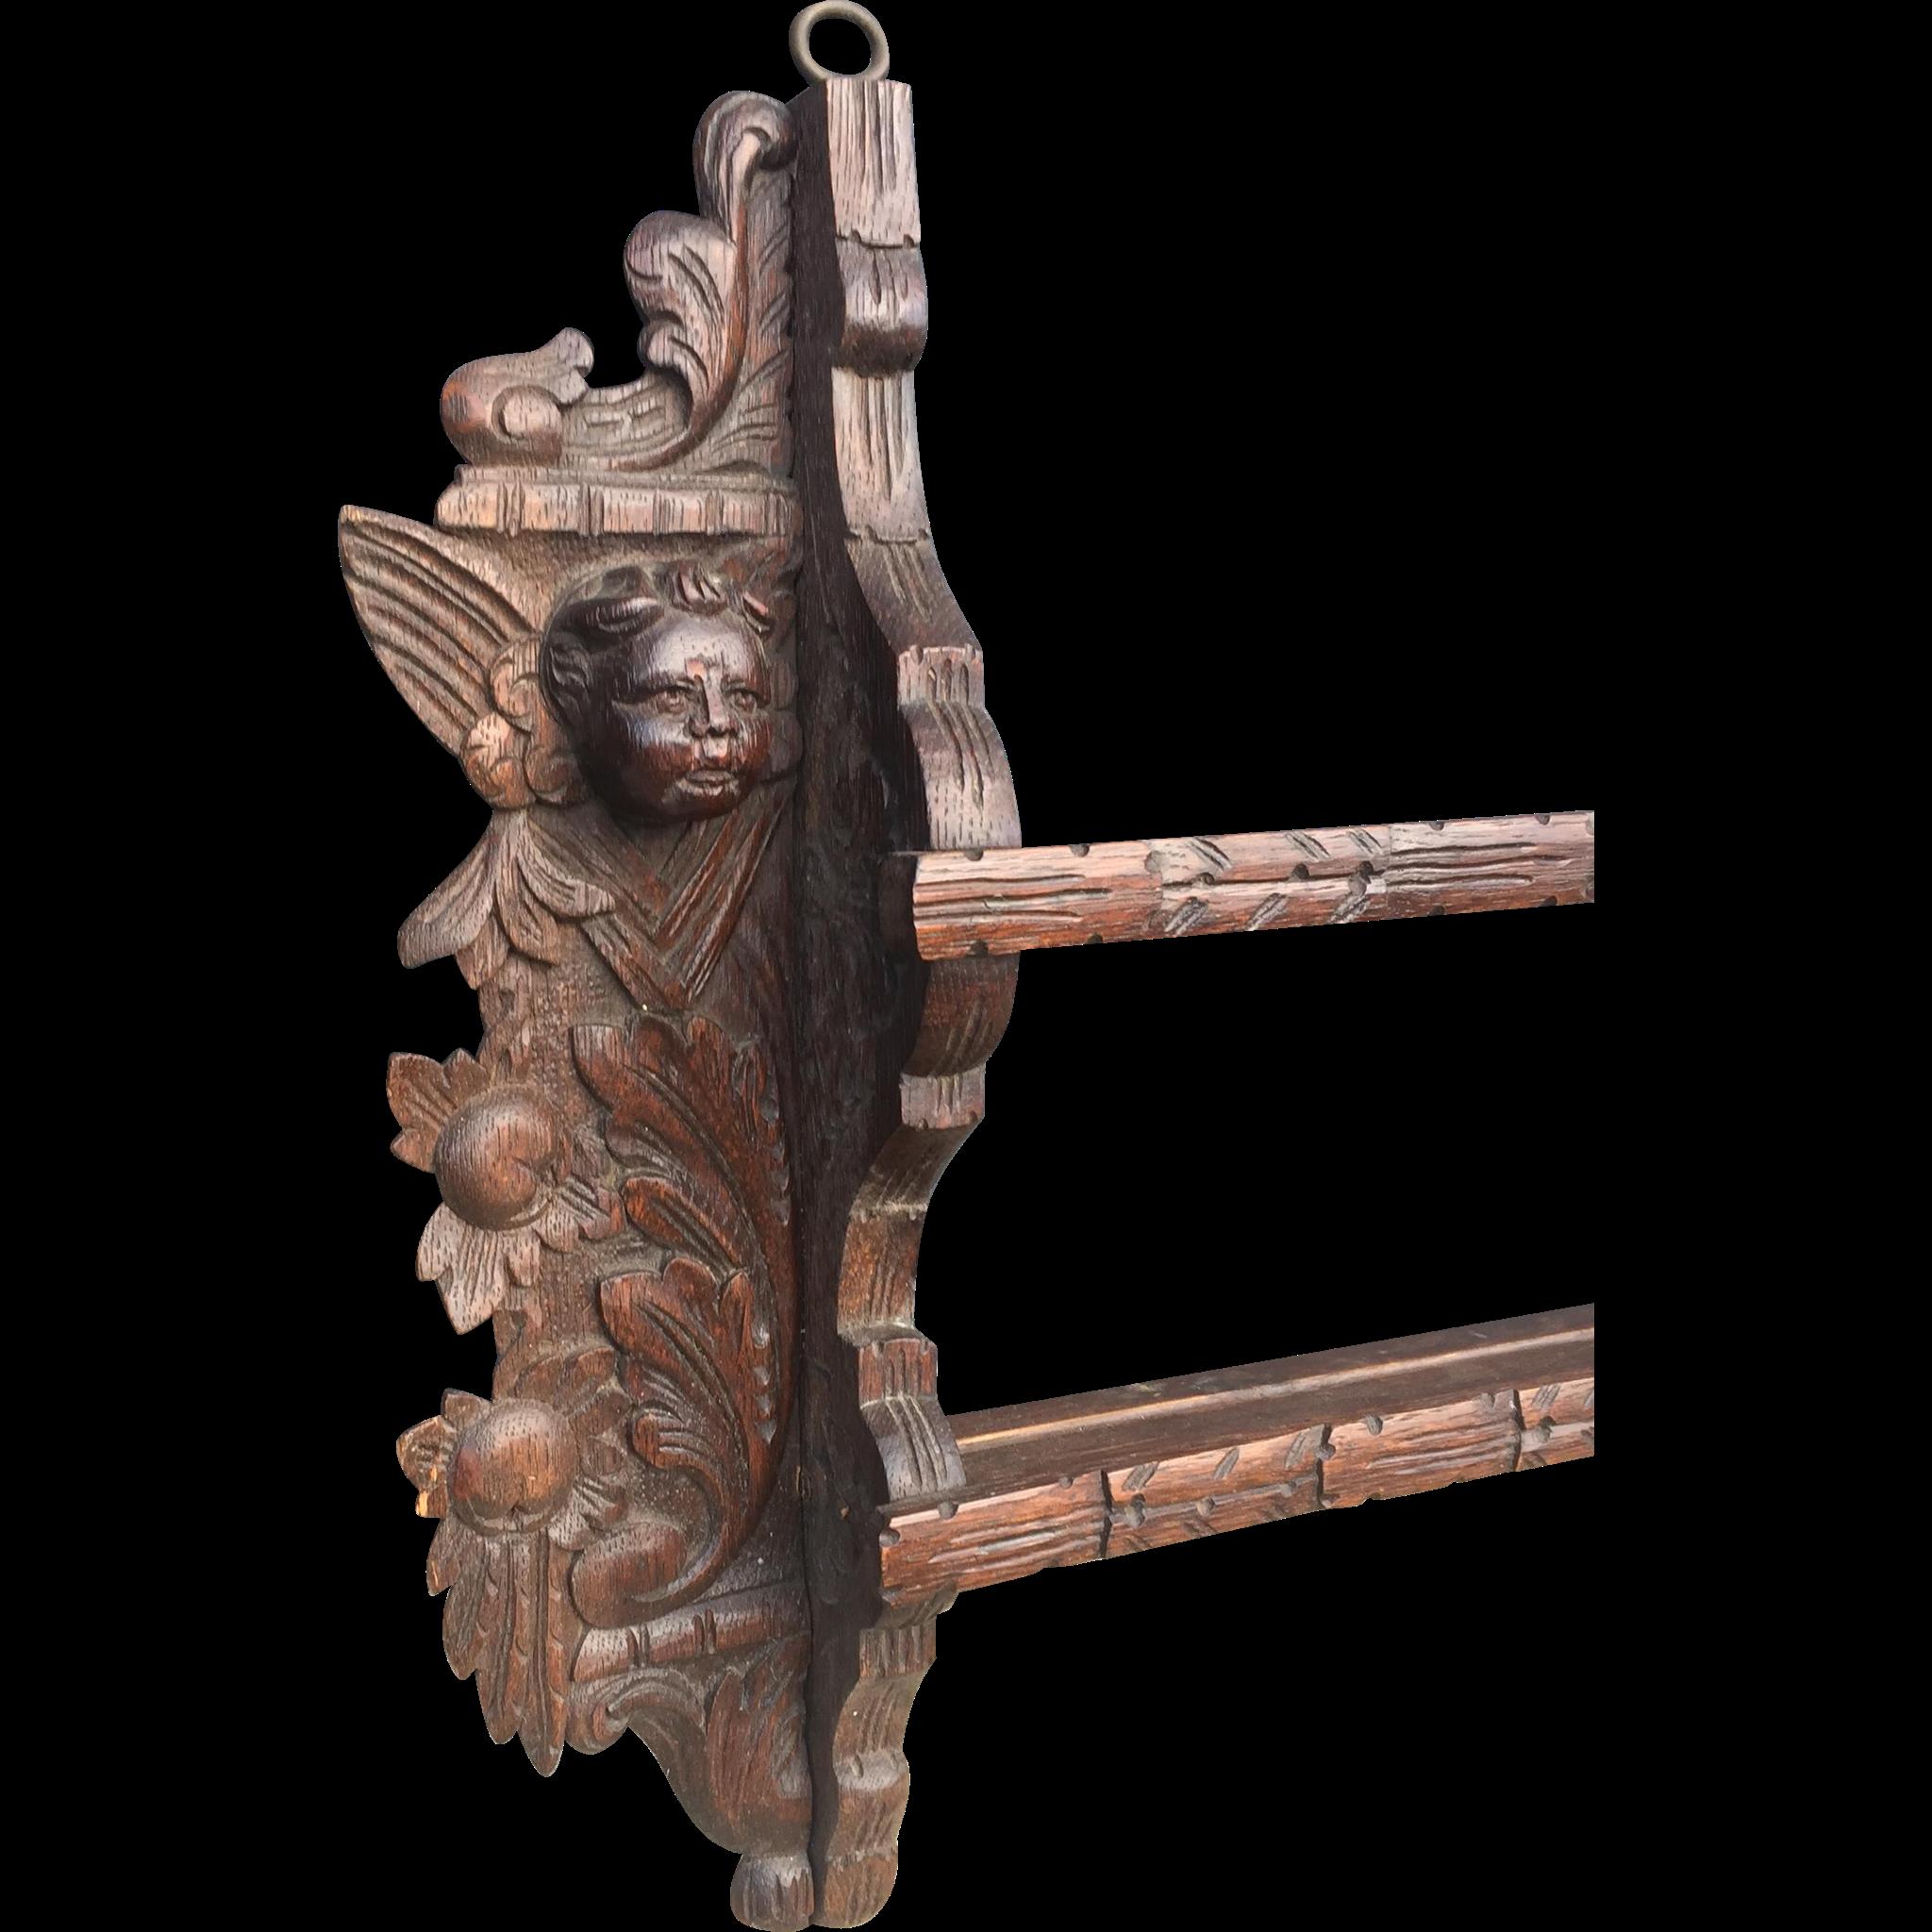 Oak Wood Putti - Angel Wall Display - Plate Rack